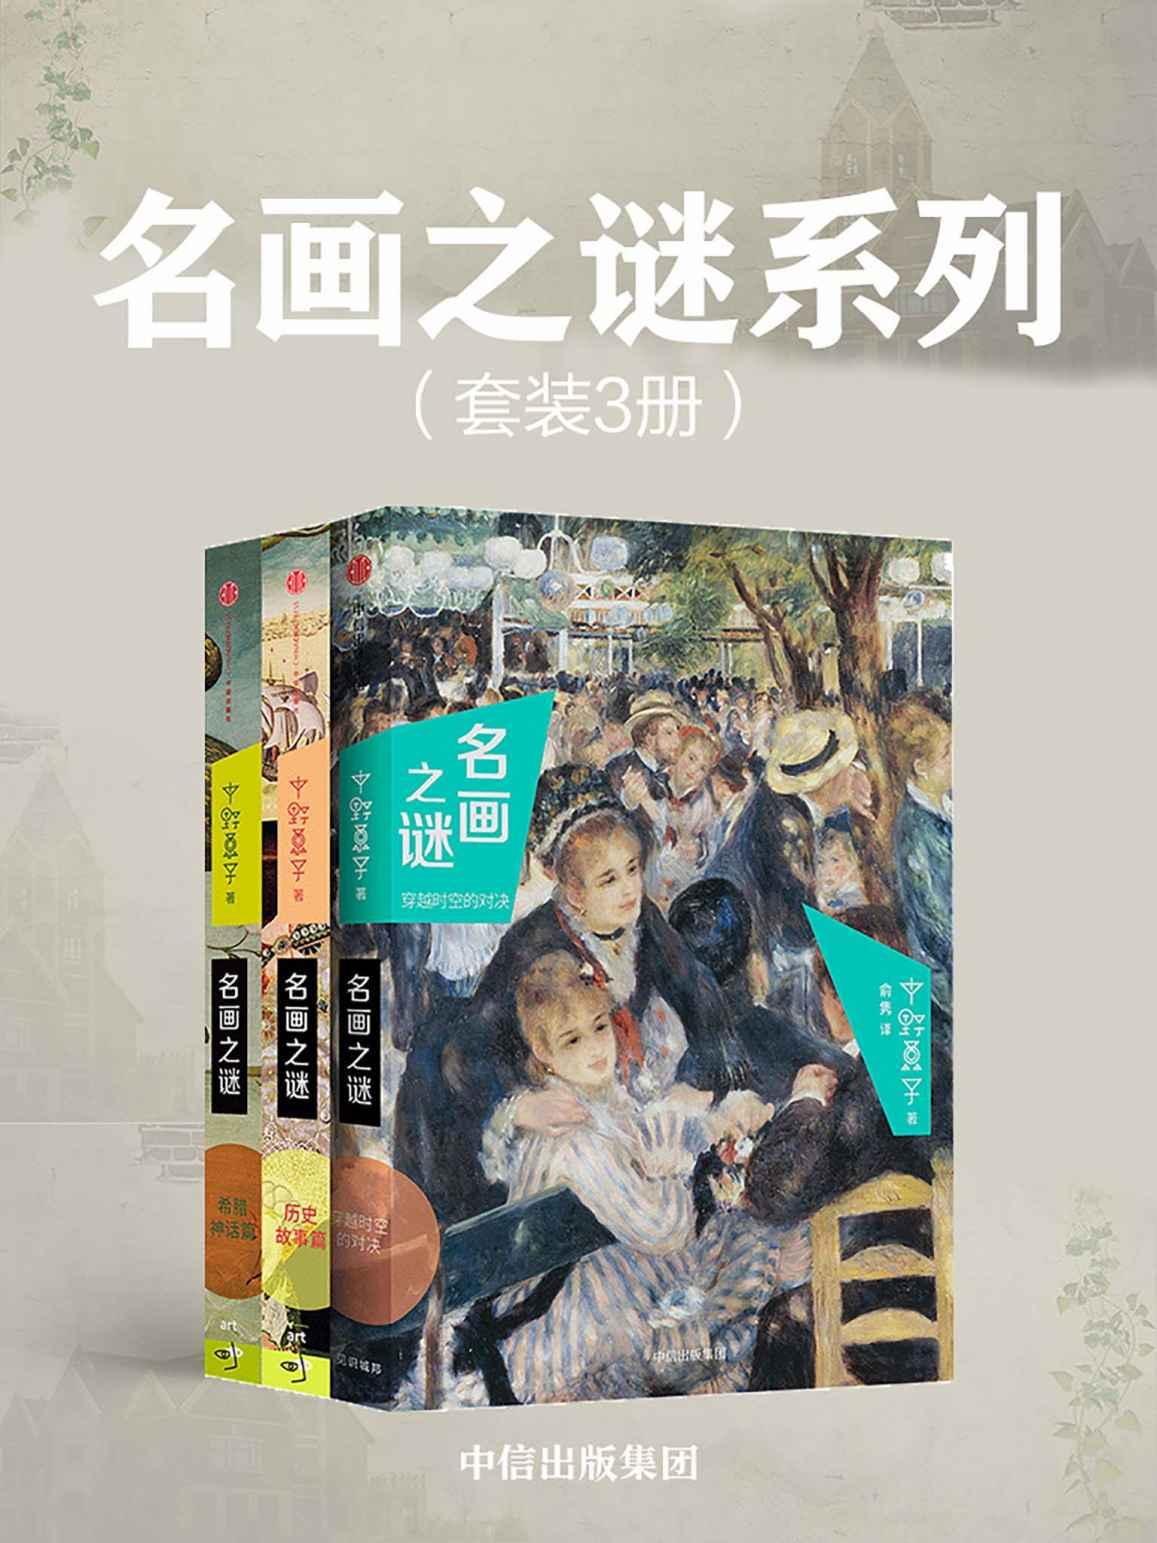 名画之谜系列(套装共3册)—中野京子—pdf+mobi+epub+txt+azw3电子书下载